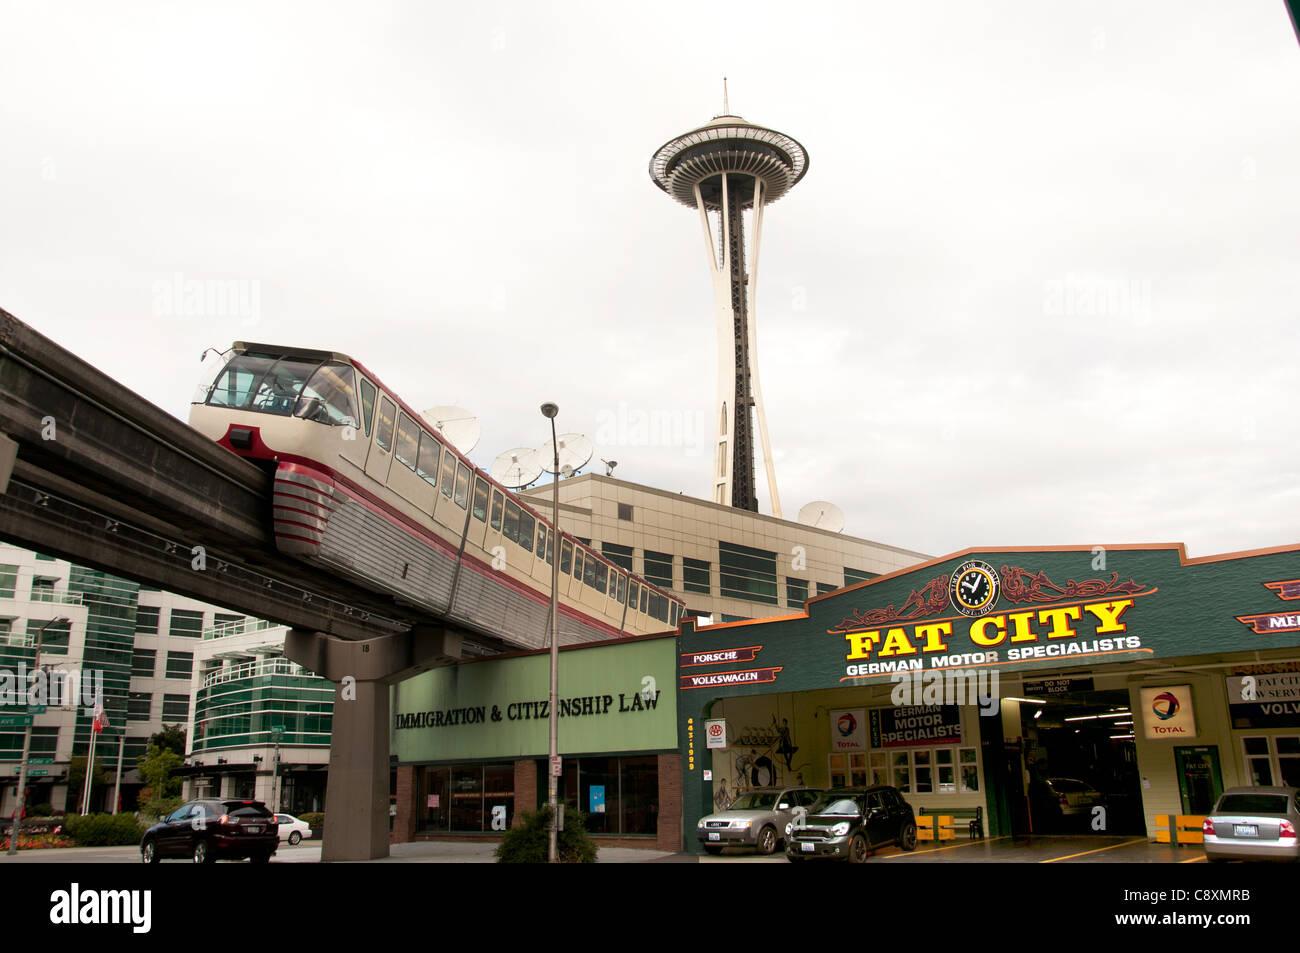 Fat City Garage Fat City Garage Spécialiste du moteur allemand Seattle Space Needle et EMP Monorail Seattle Photo Stock